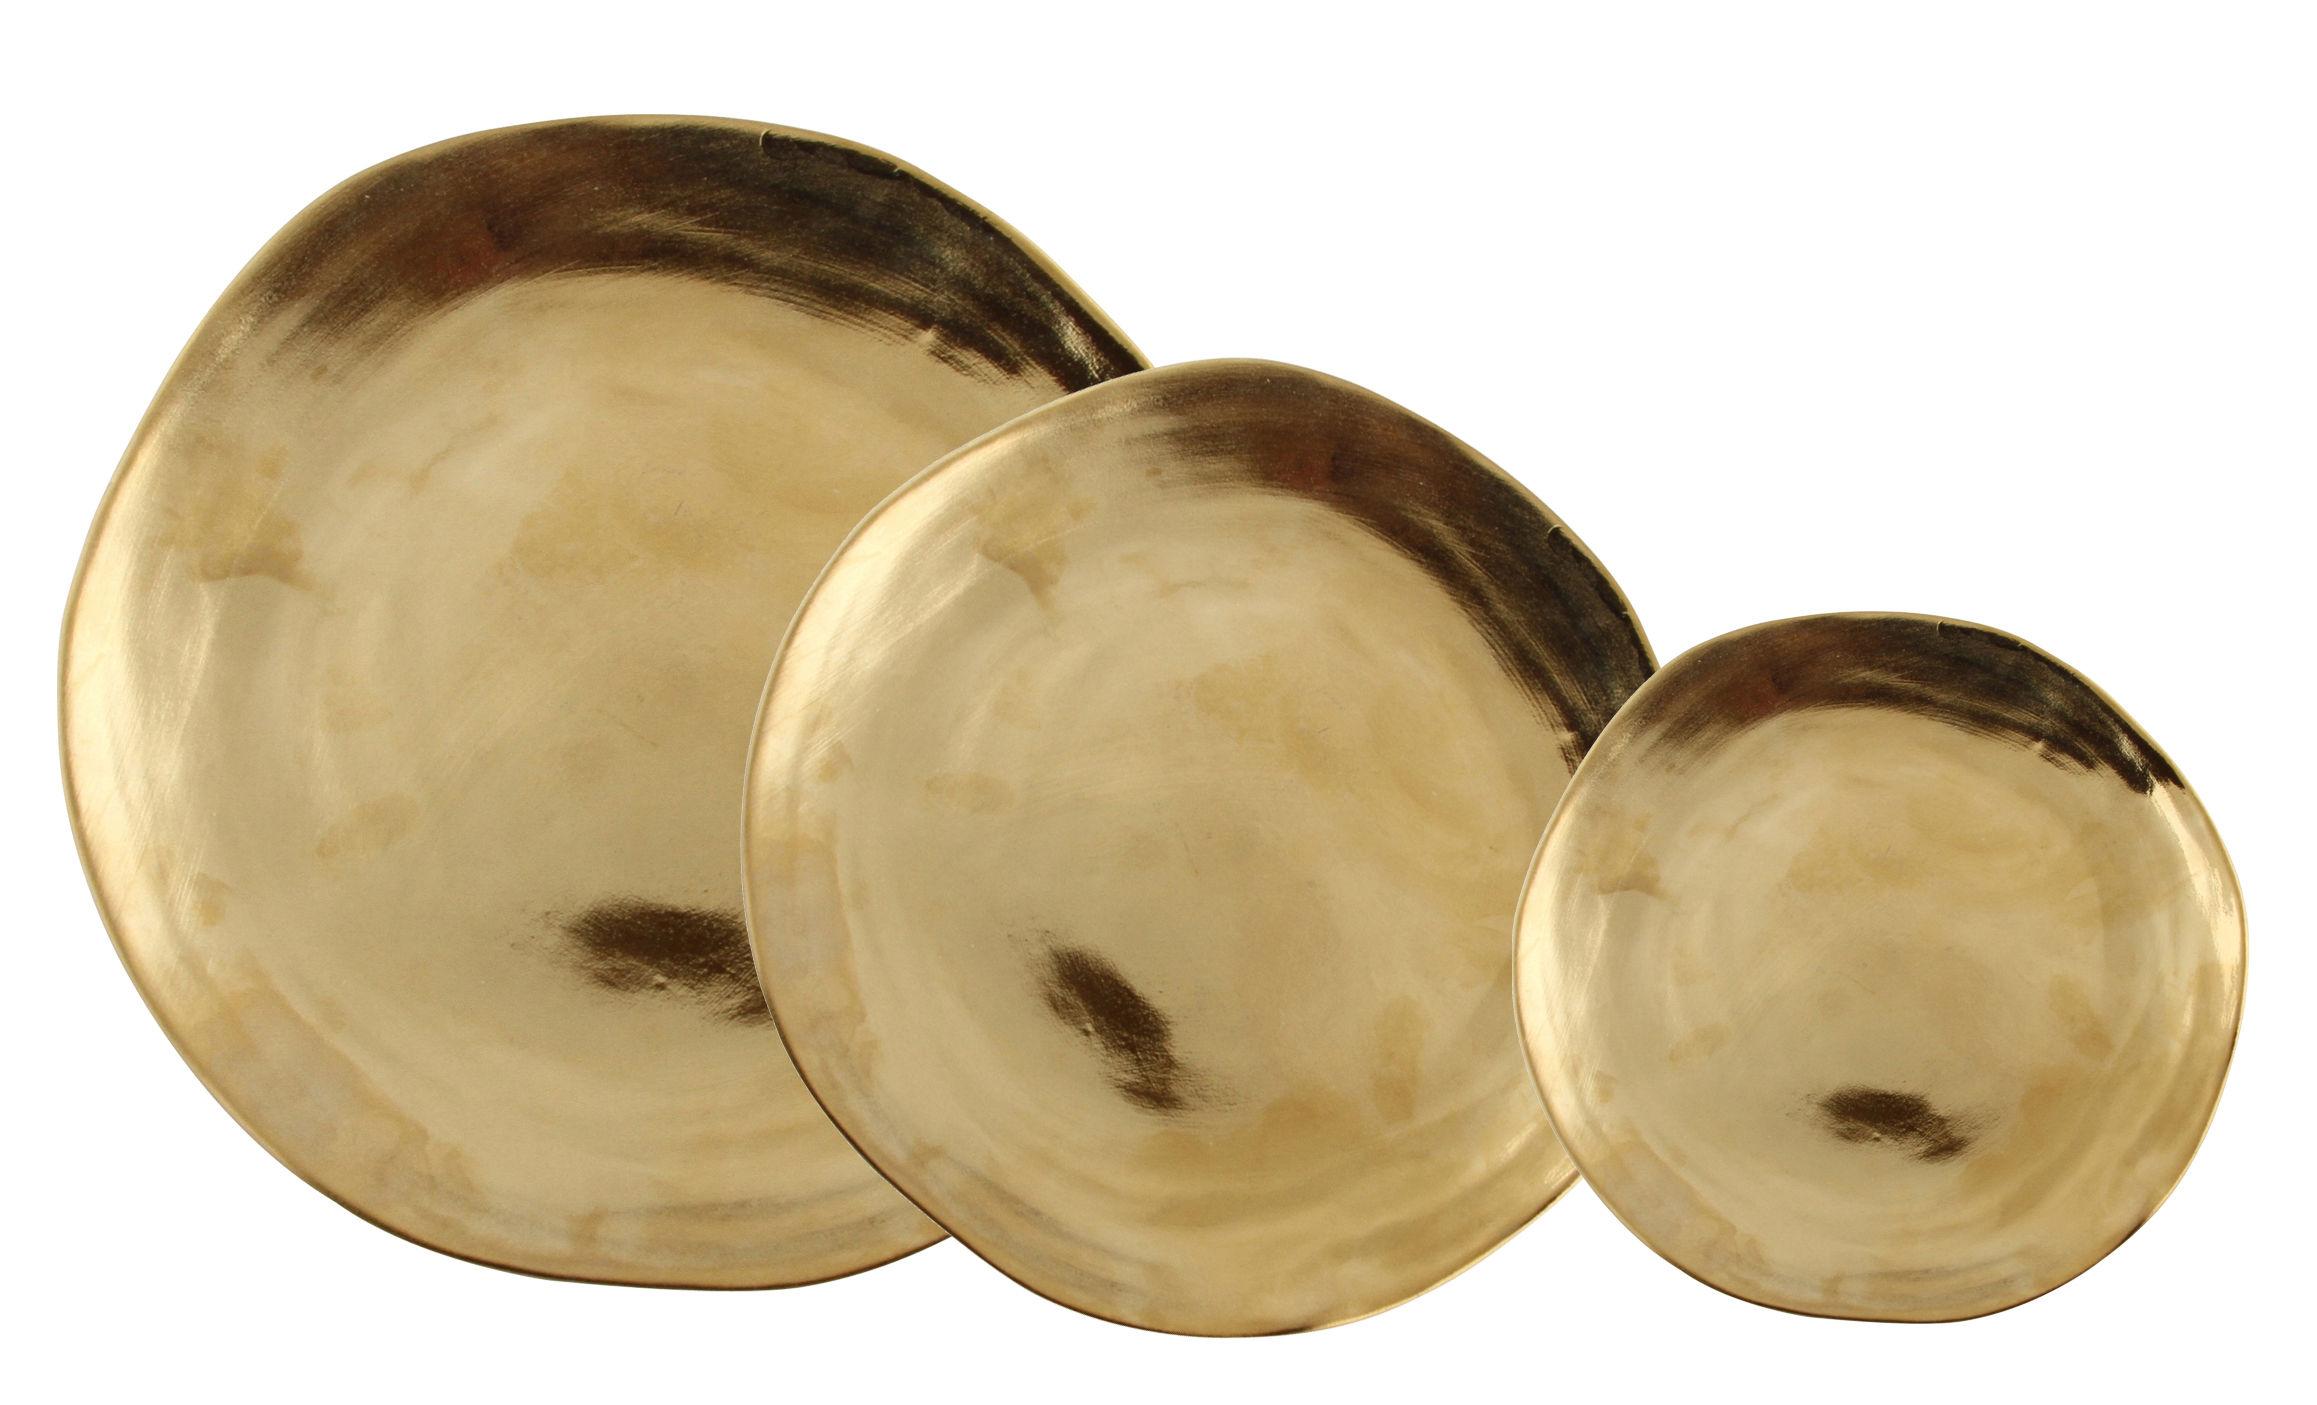 Arts de la table - Assiettes - Assiette Imperfect / Set de 3 - & klevering - Doré - Porcelaine